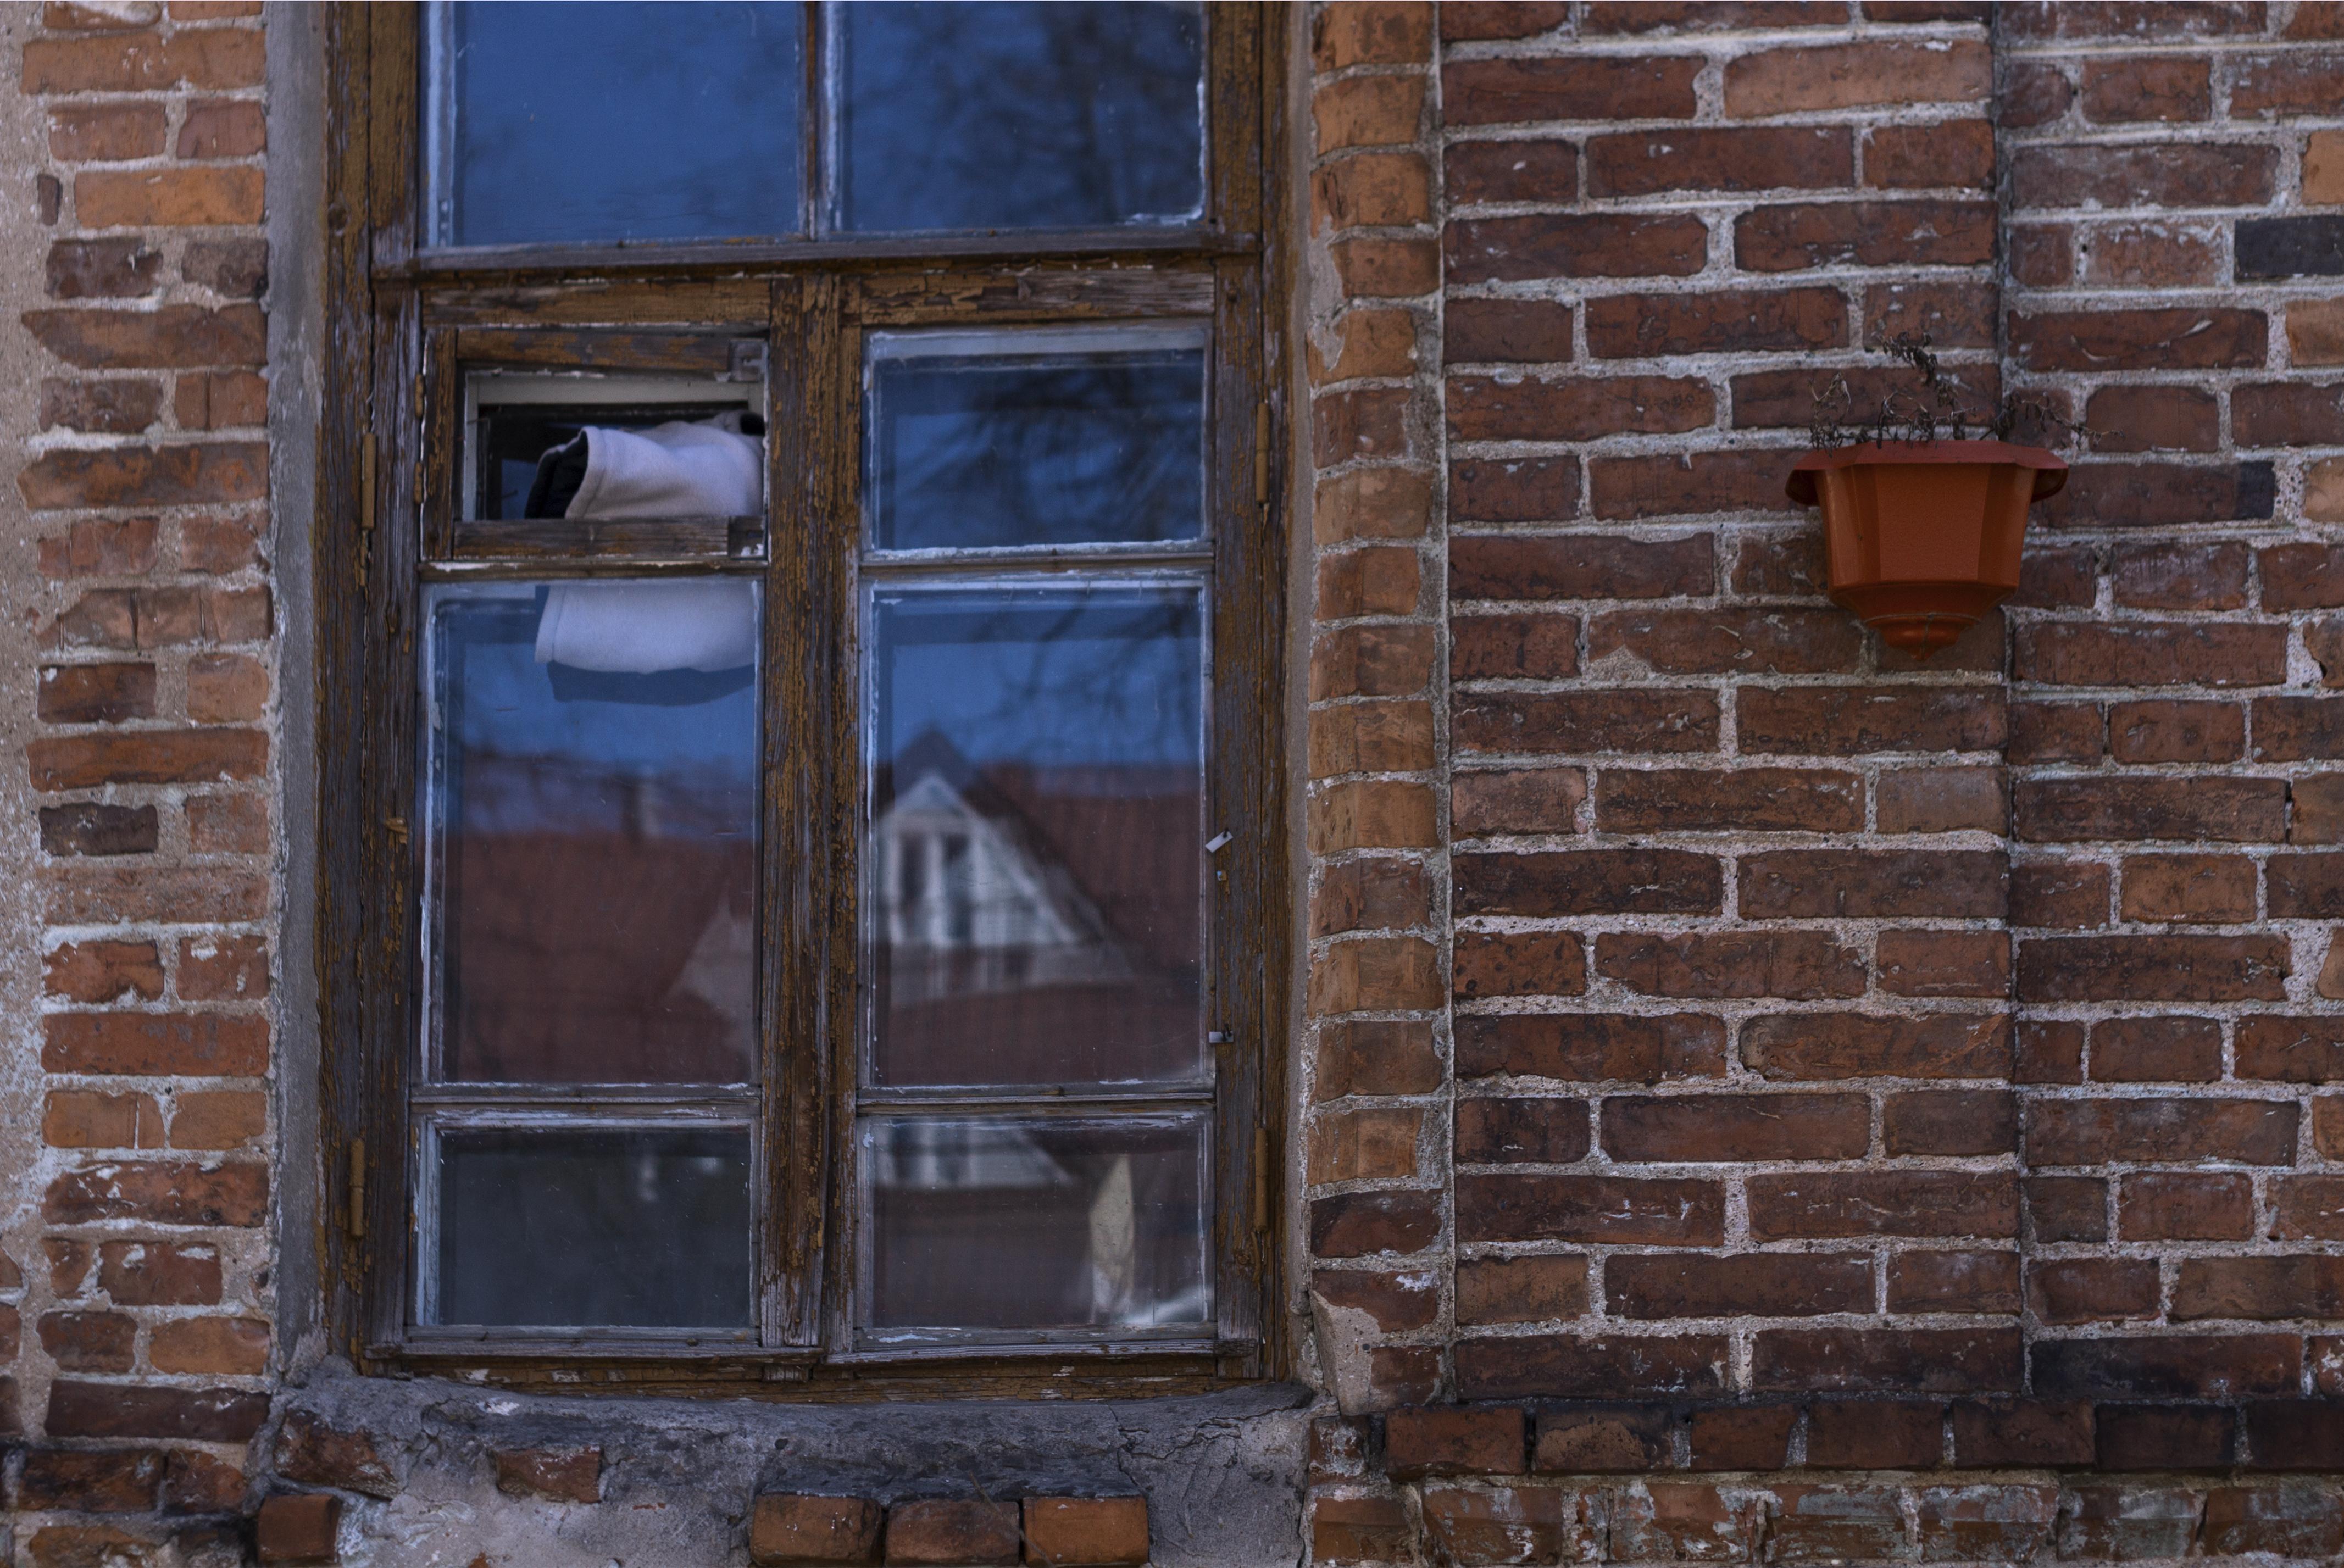 古い ビテブスク 窓 赤 レンガ シャガール ヨーロッパ レンガ造り 壁 ドア ファサード 家 建物 路地 ガラス